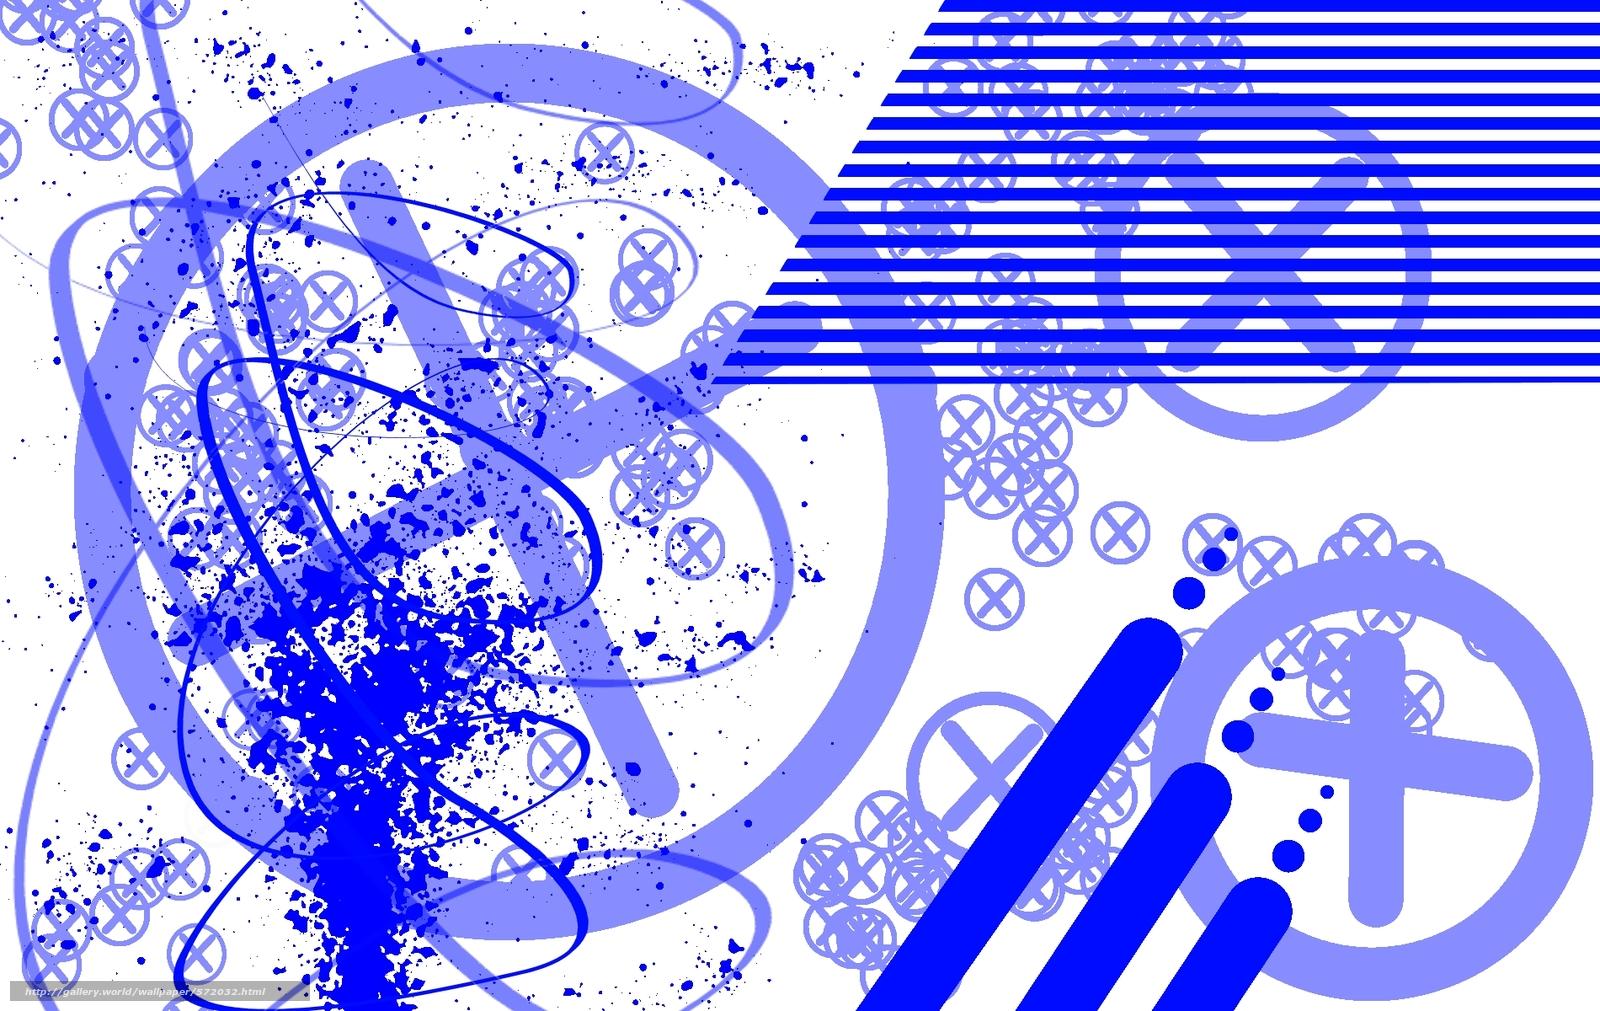 壁紙をダウンロード 抽象化,  3D,  芸術 デスクトップの解像度のための無料壁紙 1900x1200 — 絵 №572032